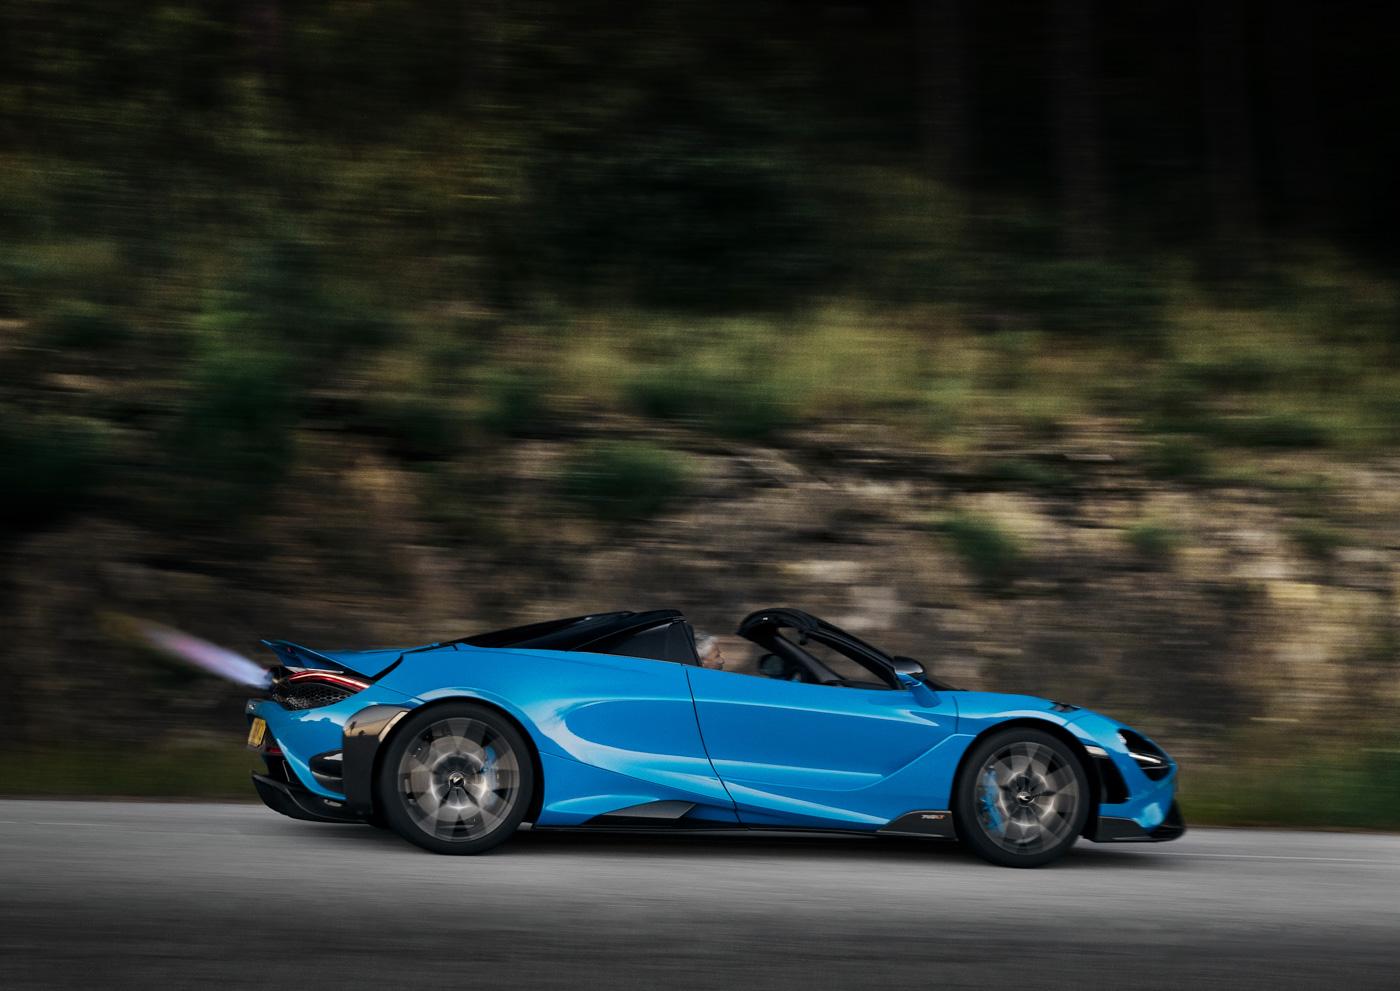 McLaren-765-LT-Spider-siêu-xe-mui-trần-hiệu-năng-cao-dẫn-đầu-phân-khúc-17.jpg